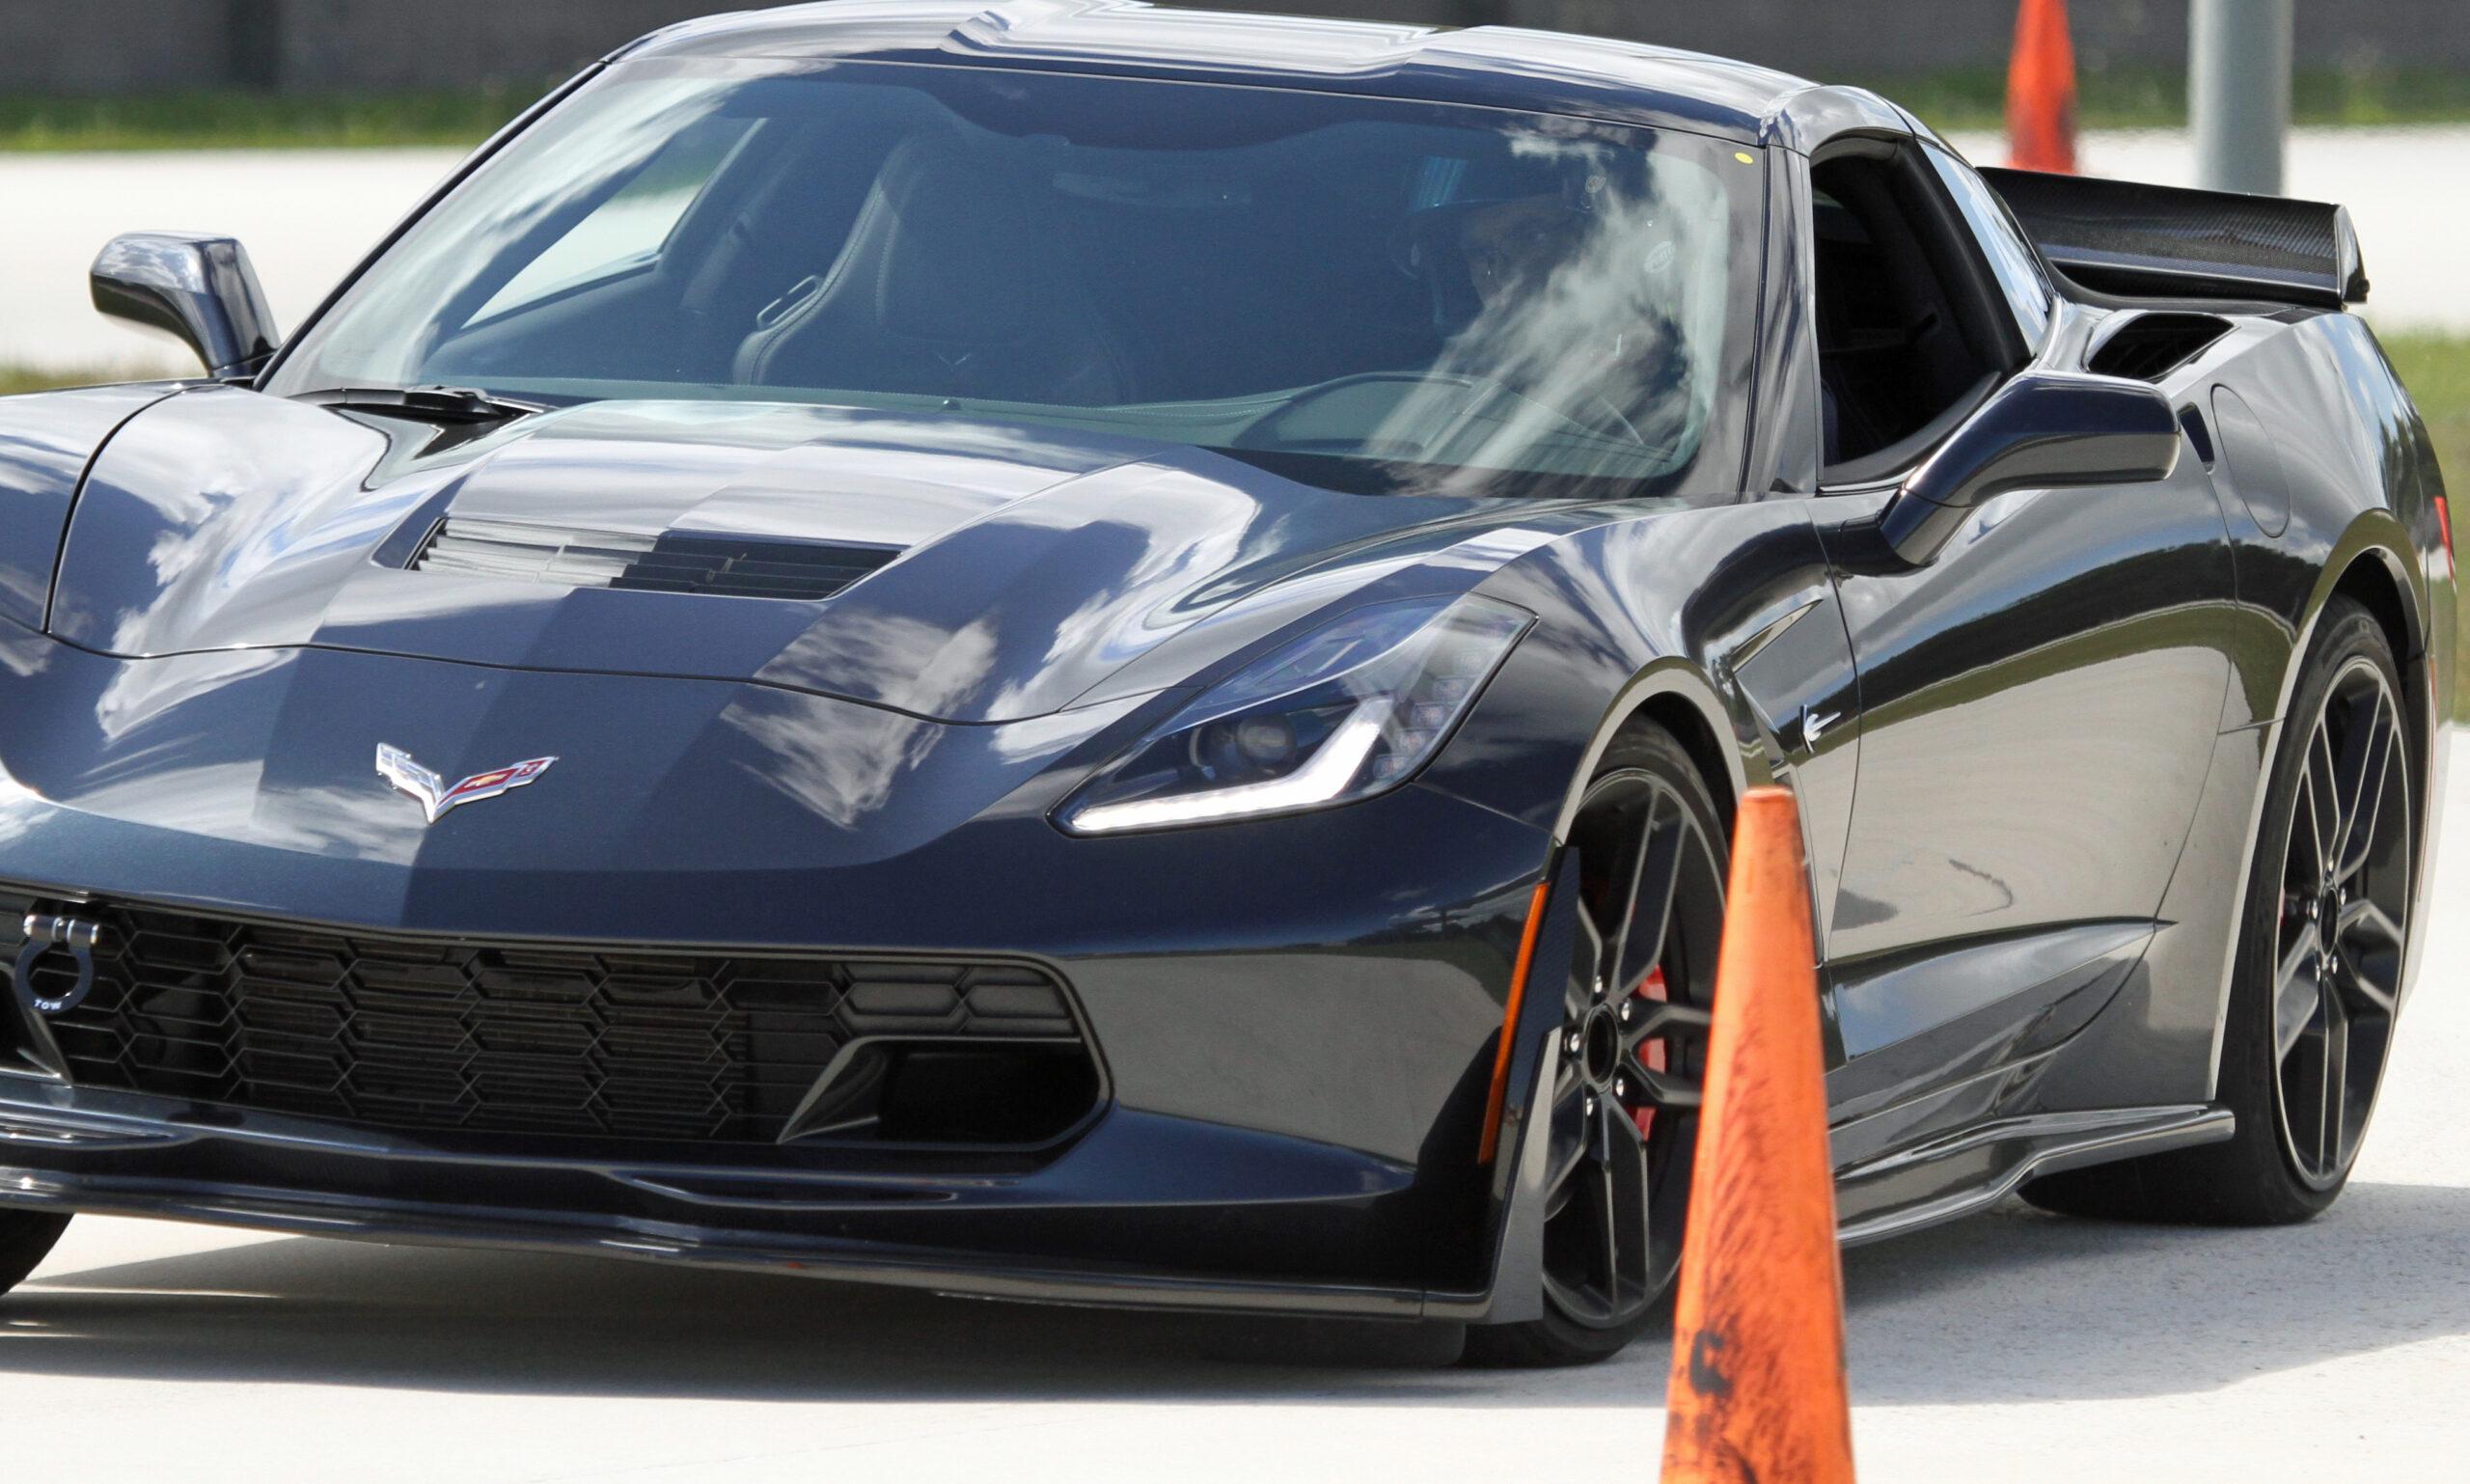 2021 Porsche vs Corvette Challenge at the AMCM